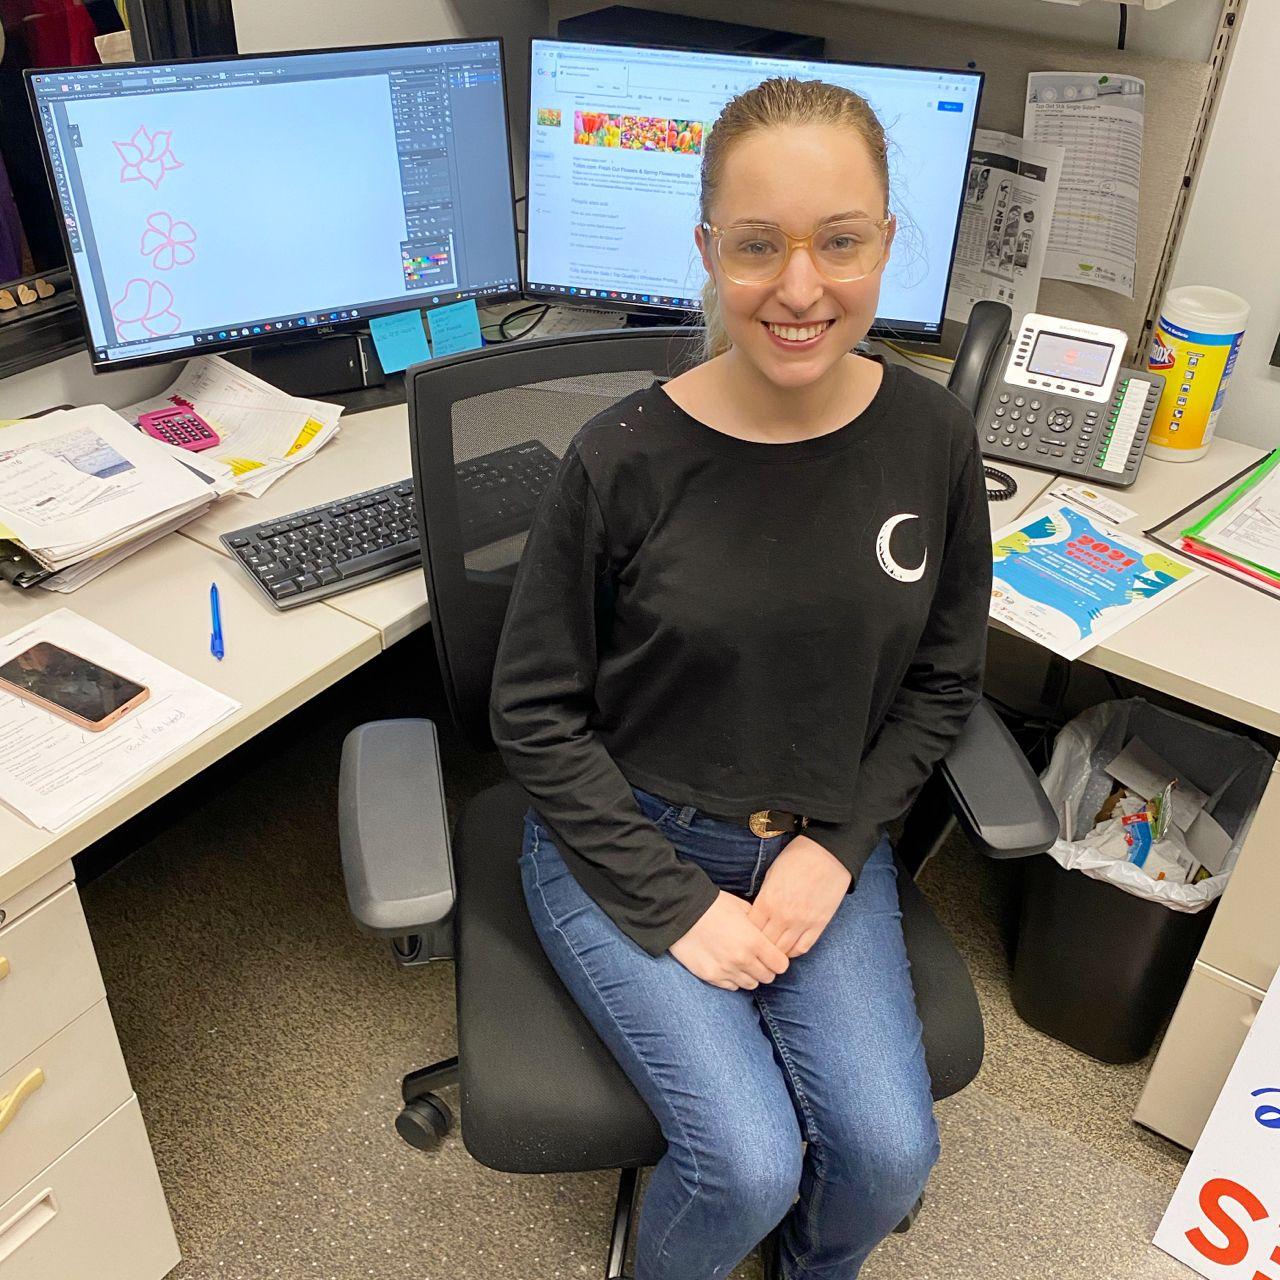 Maddie sitting at her desk